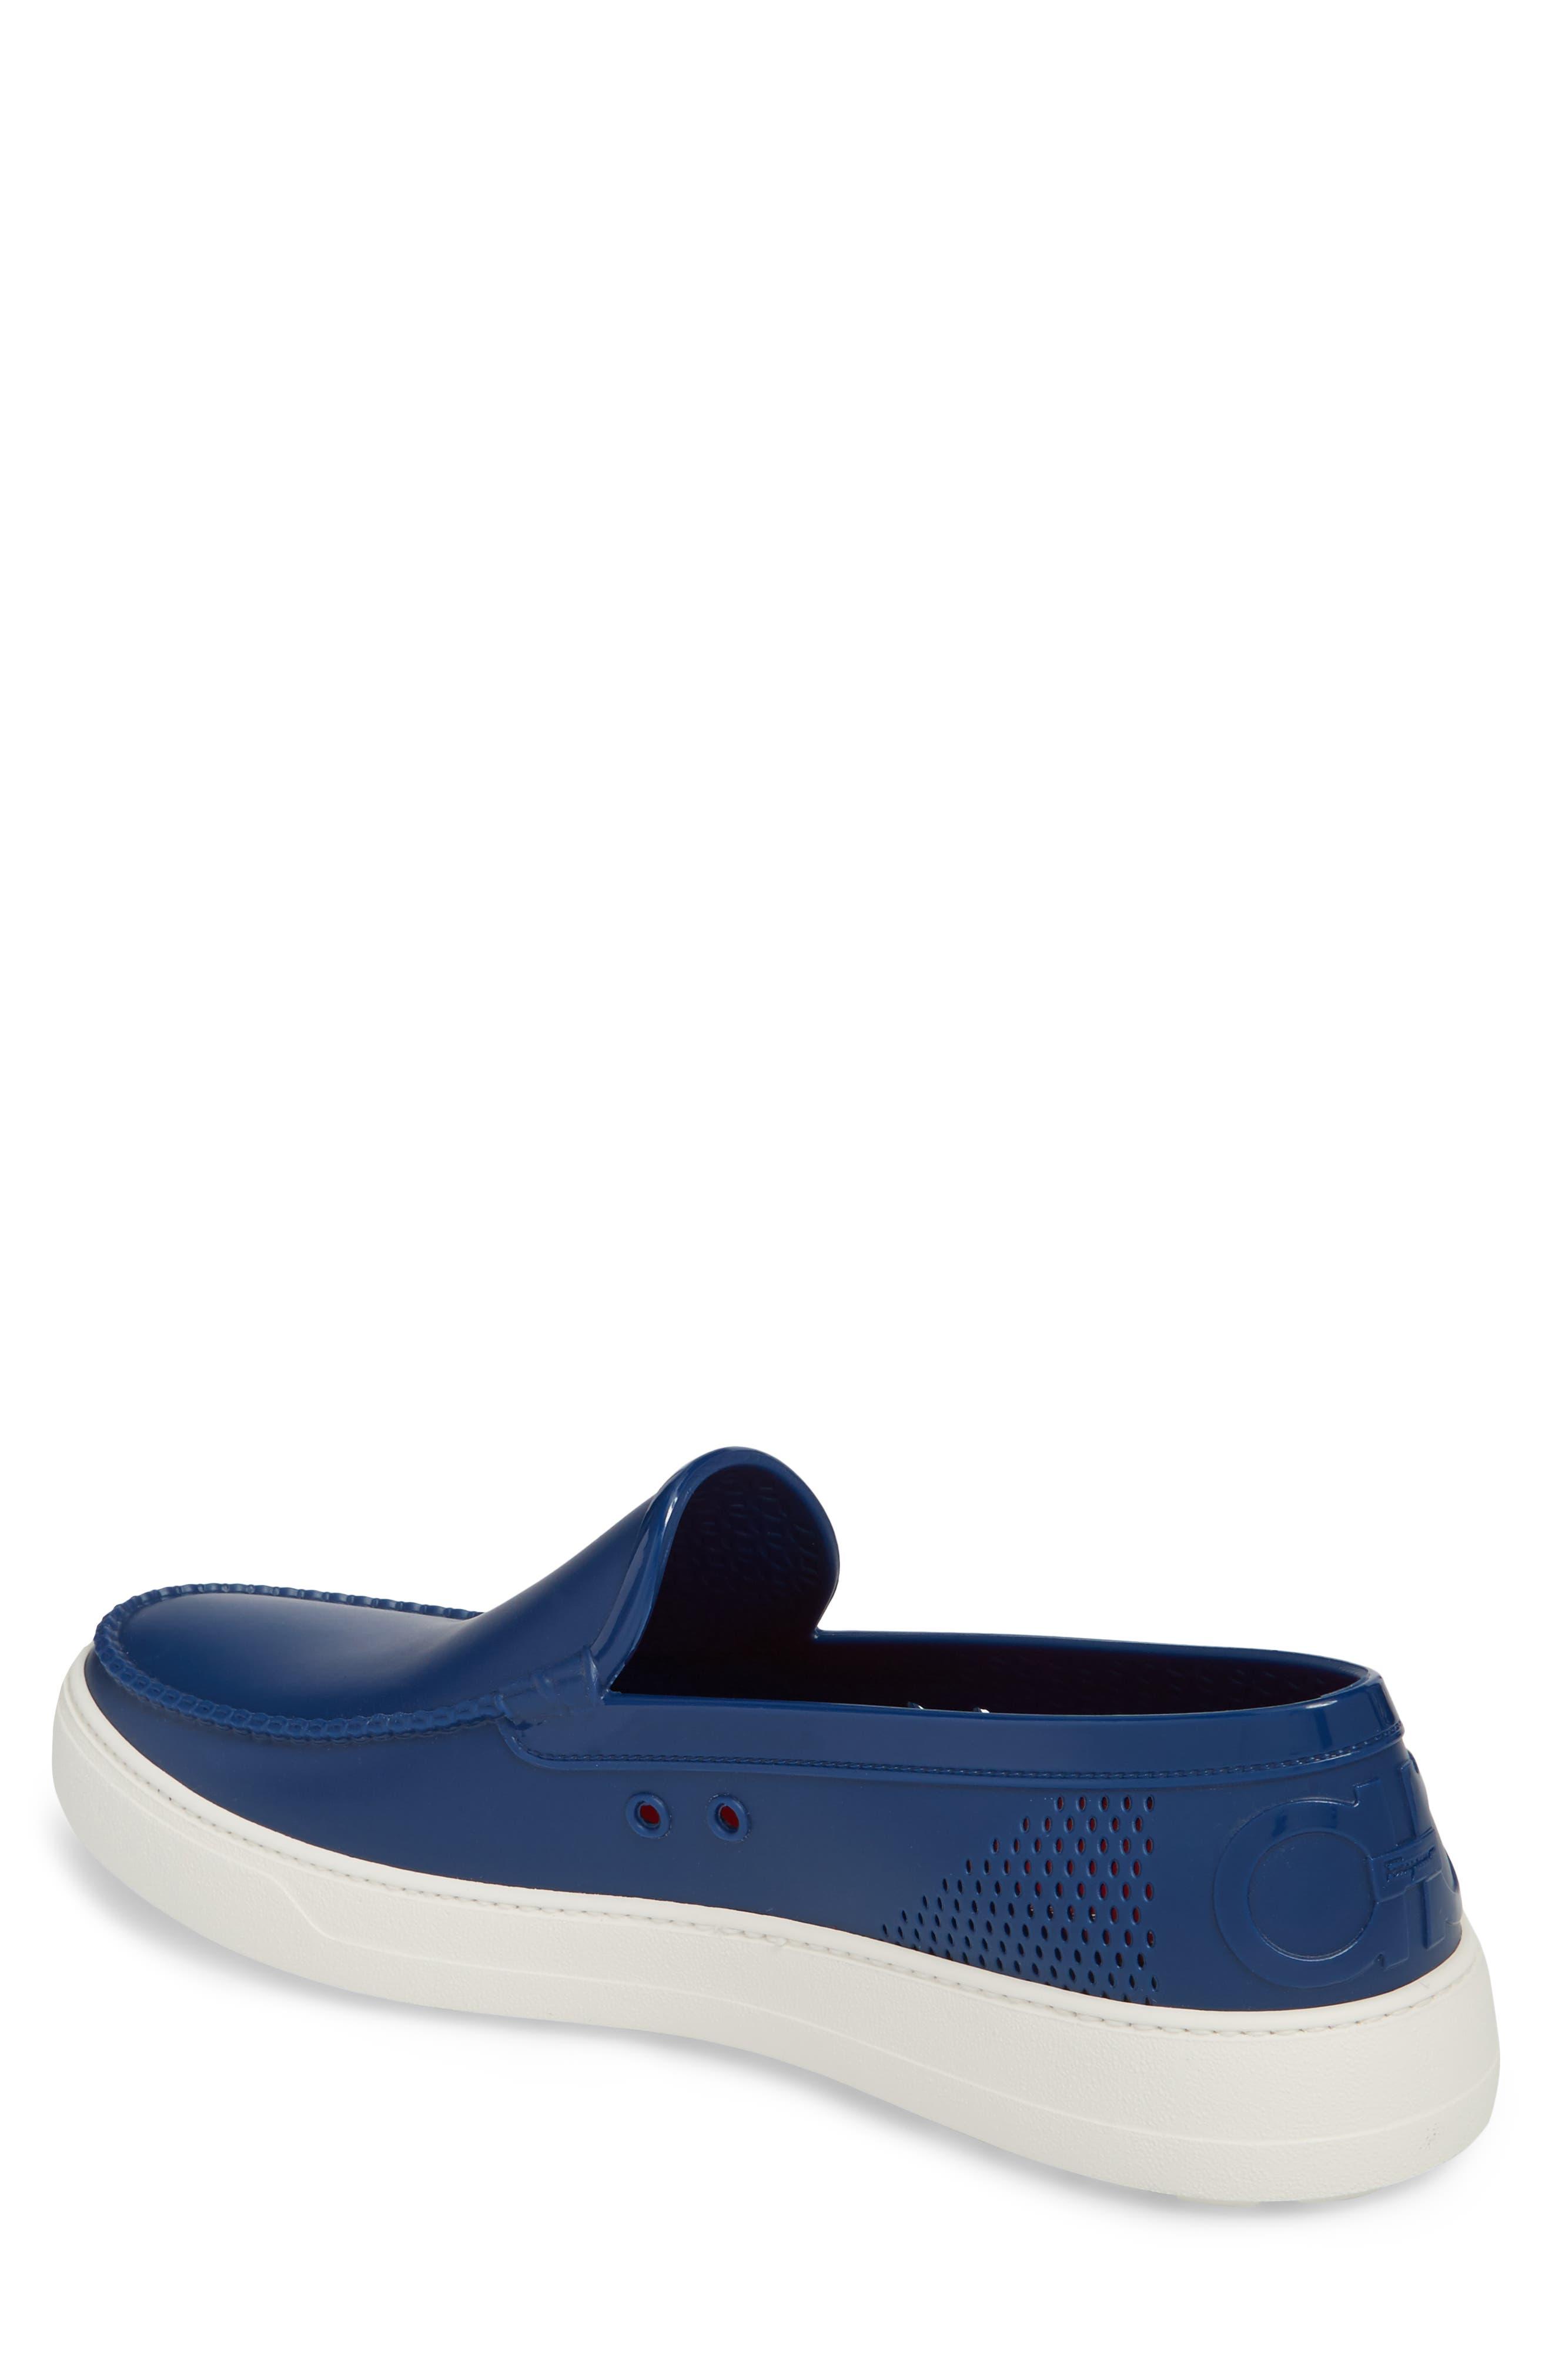 Fury Slip-On Sneaker,                             Alternate thumbnail 2, color,                             JET BLUE LEATHER